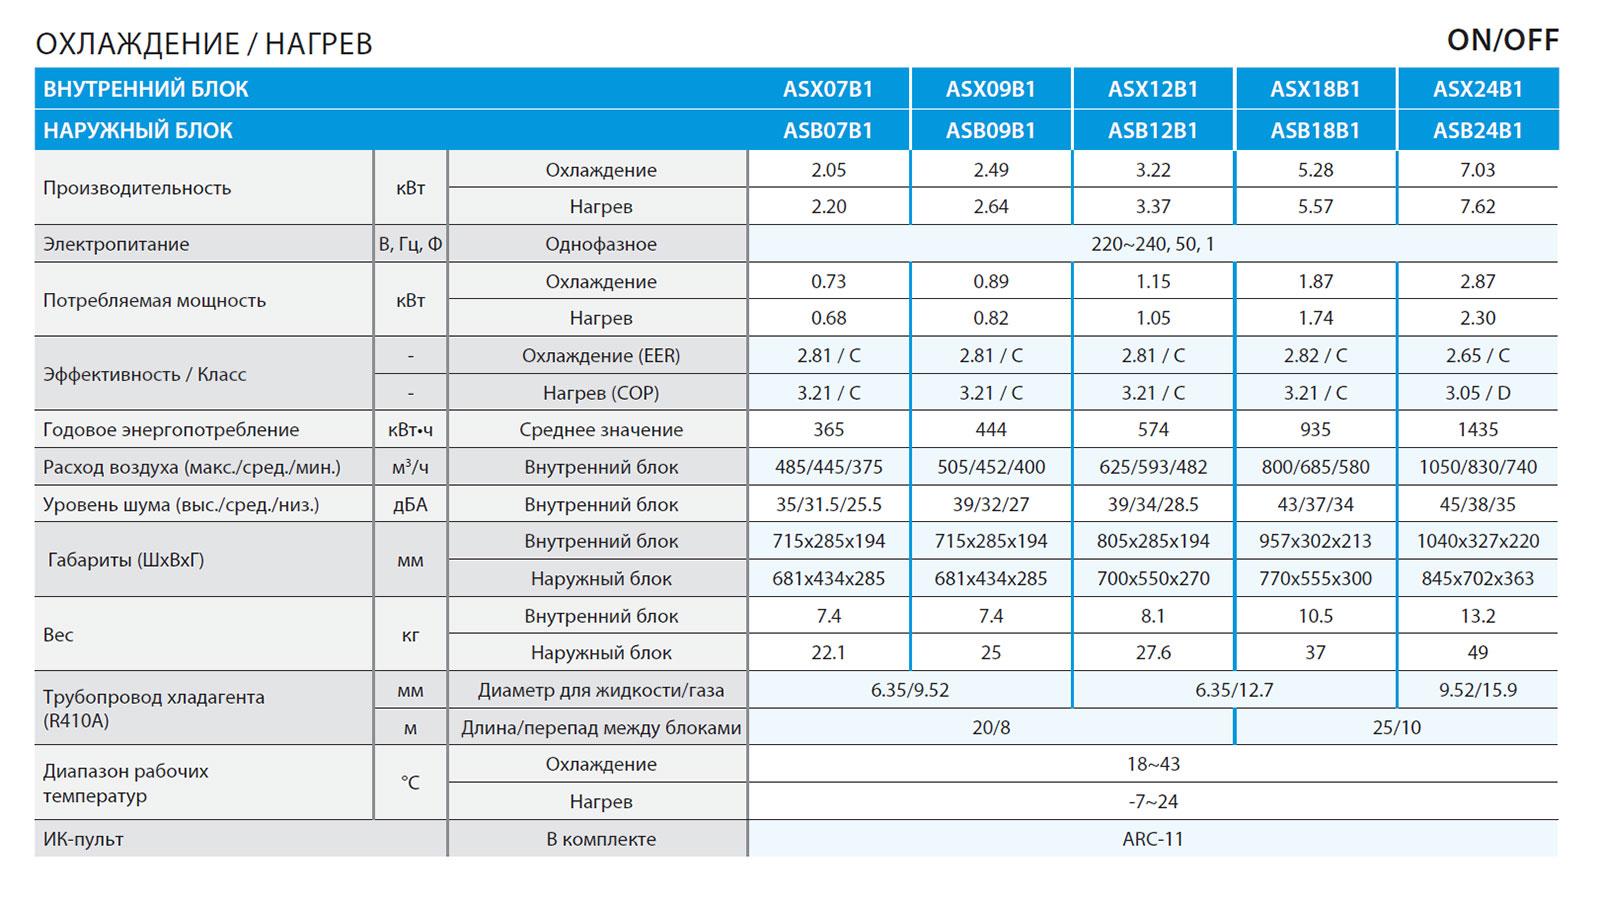 Кондиционер lg p09ep - купить | цены | обзоры и тесты | отзывы | параметры и характеристики | инструкция